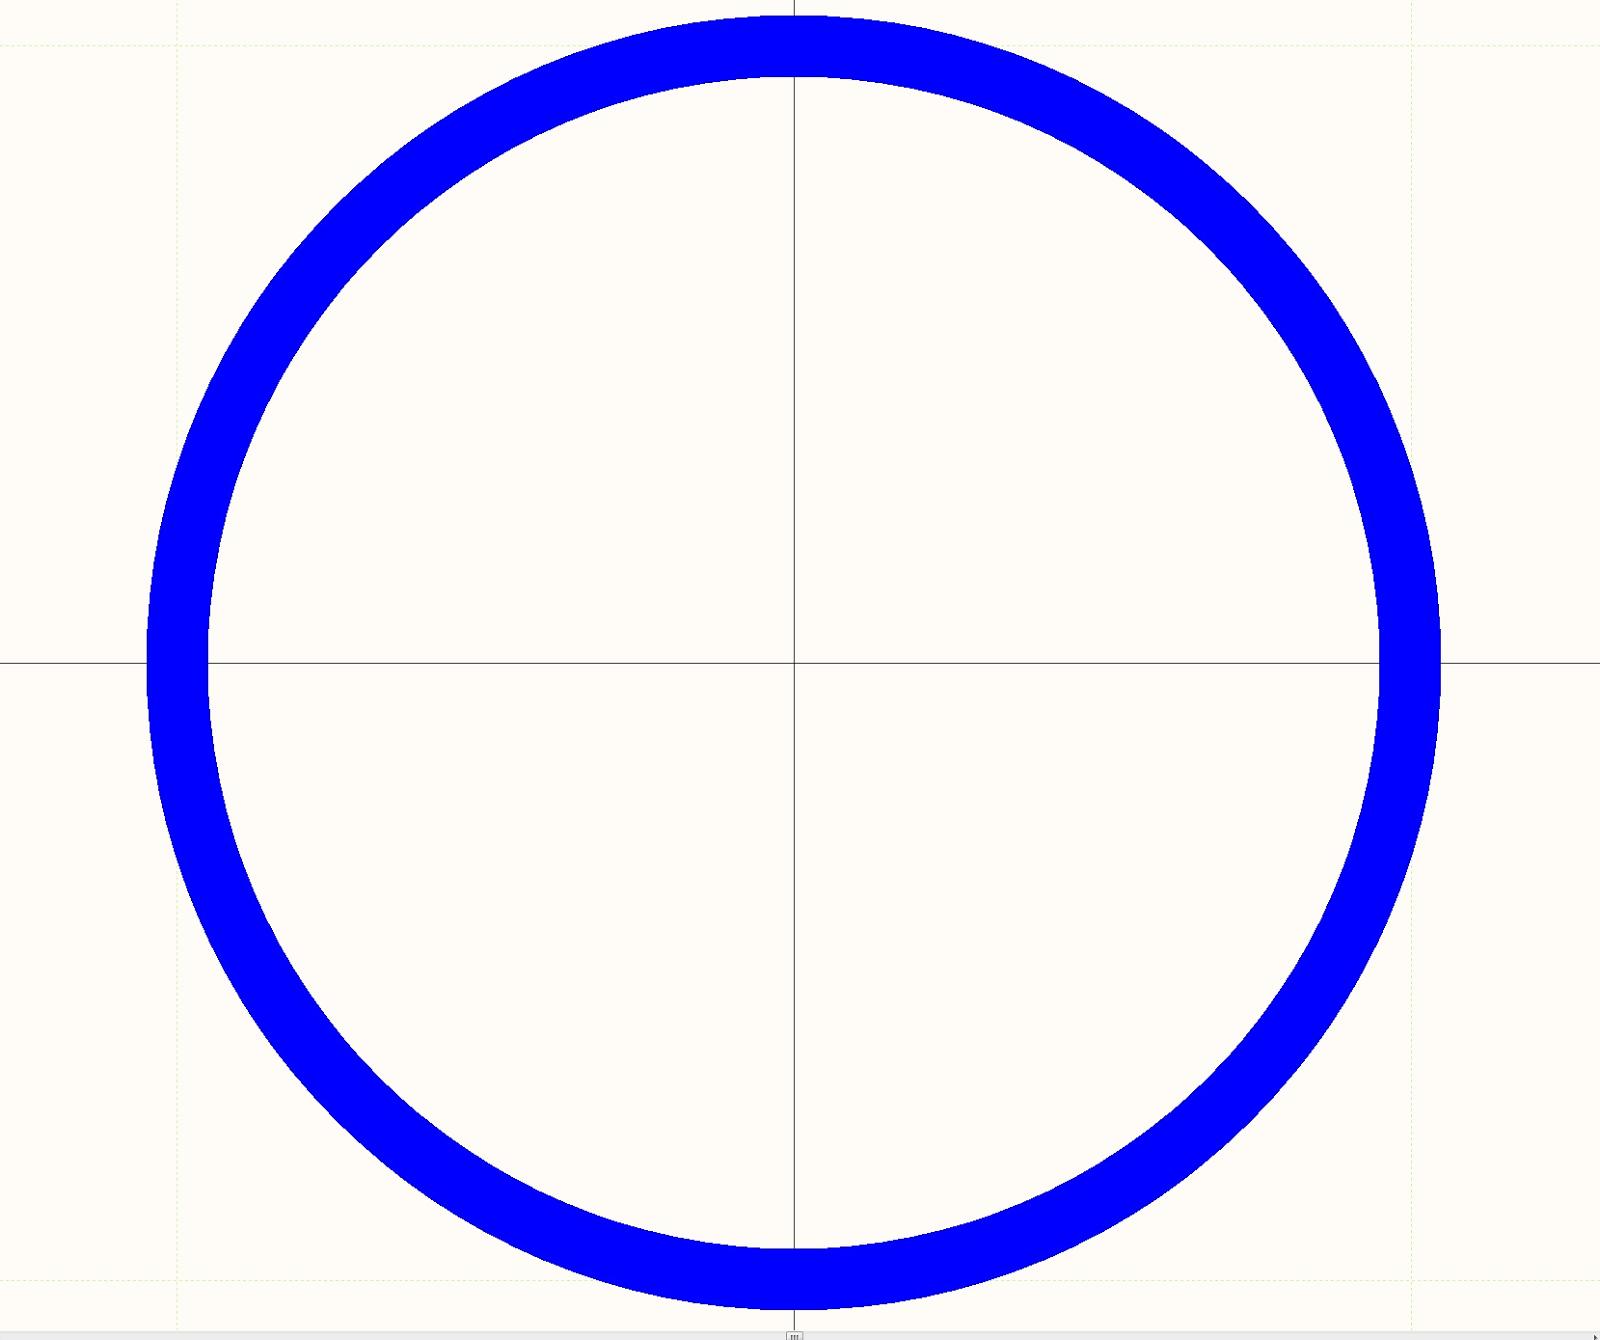 Figura 3: Símbolo esquemático de un elemento de línea